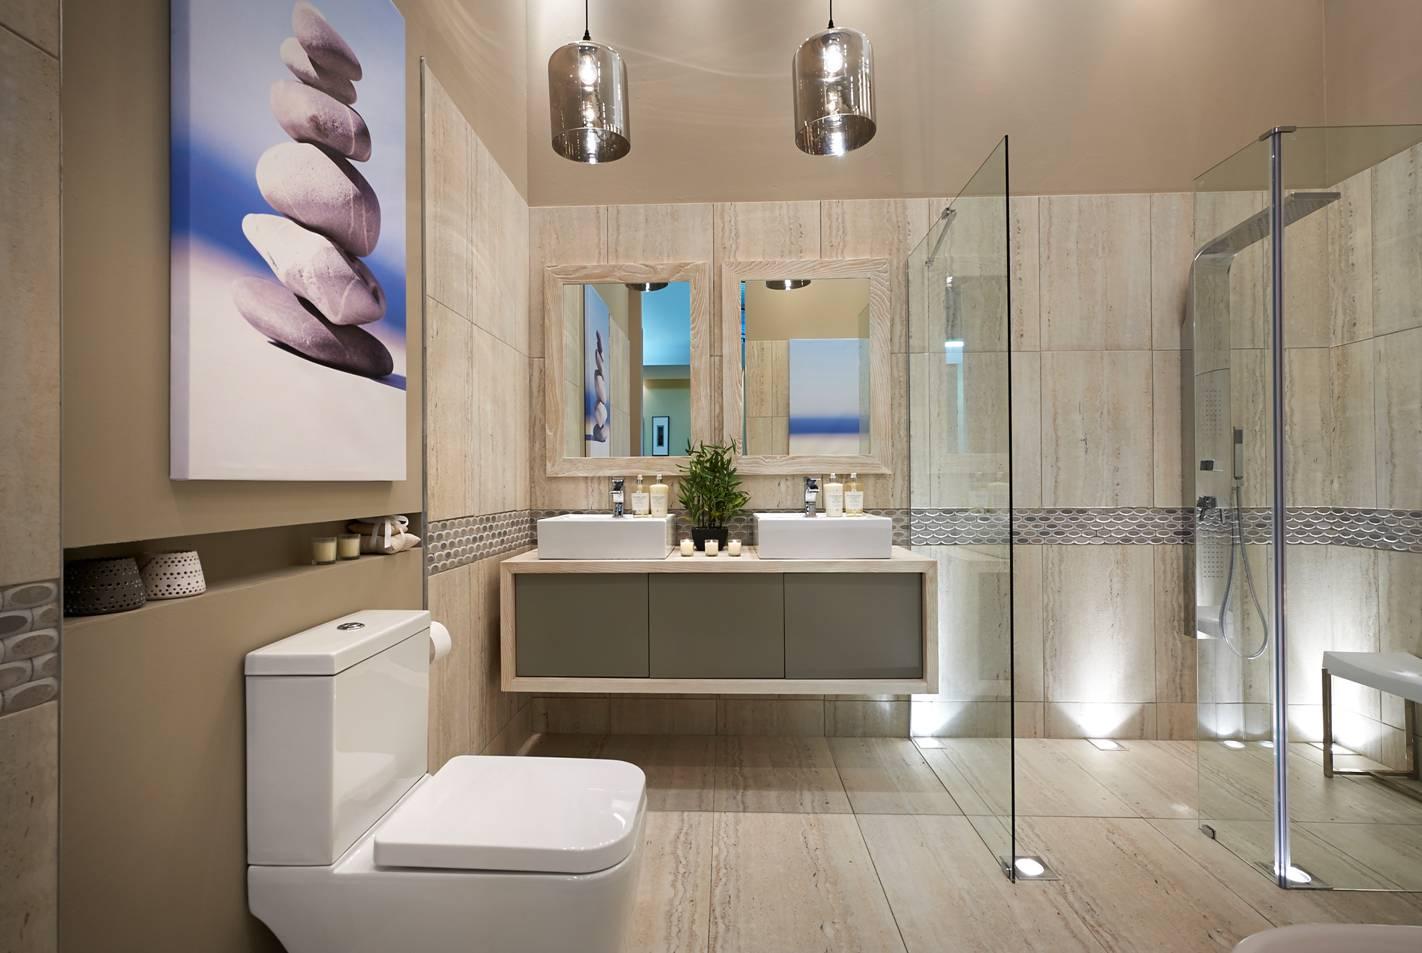 صورة تصاميم حمامات , شاهد احدث تصاميم الحمامات العصرية 1934 7